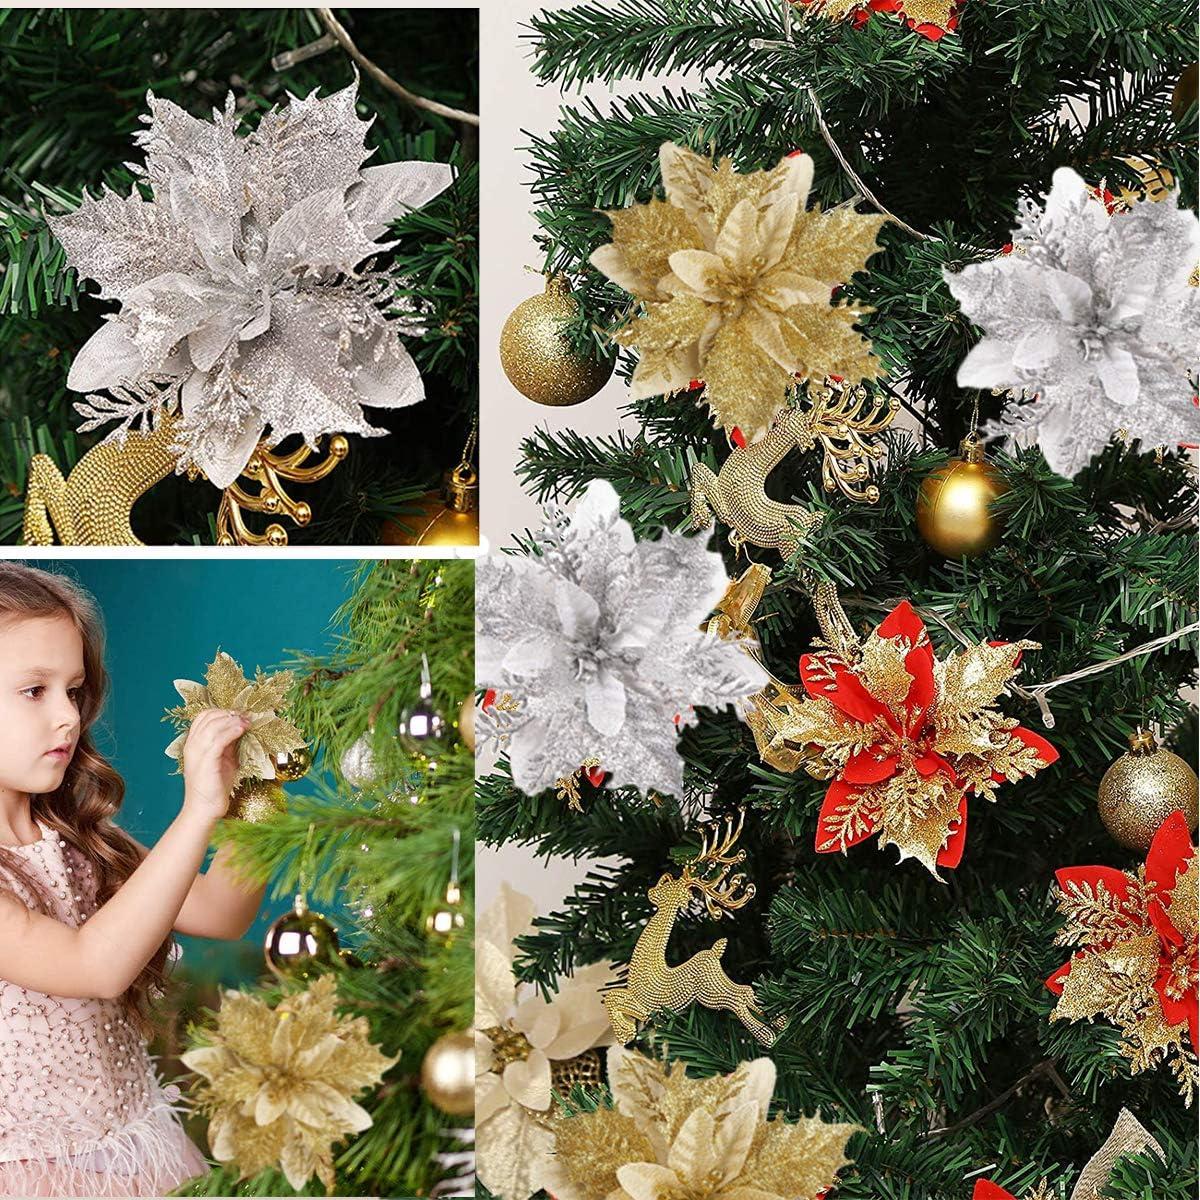 ODOOKON 3 Pcs Flores de Navidad Adorno Brillo Artificial Navidad Flores Rojas Dcoracion Flores Oro Artificales para /Árbol de Navidad y Guirnalda Rojo Dorado Plata